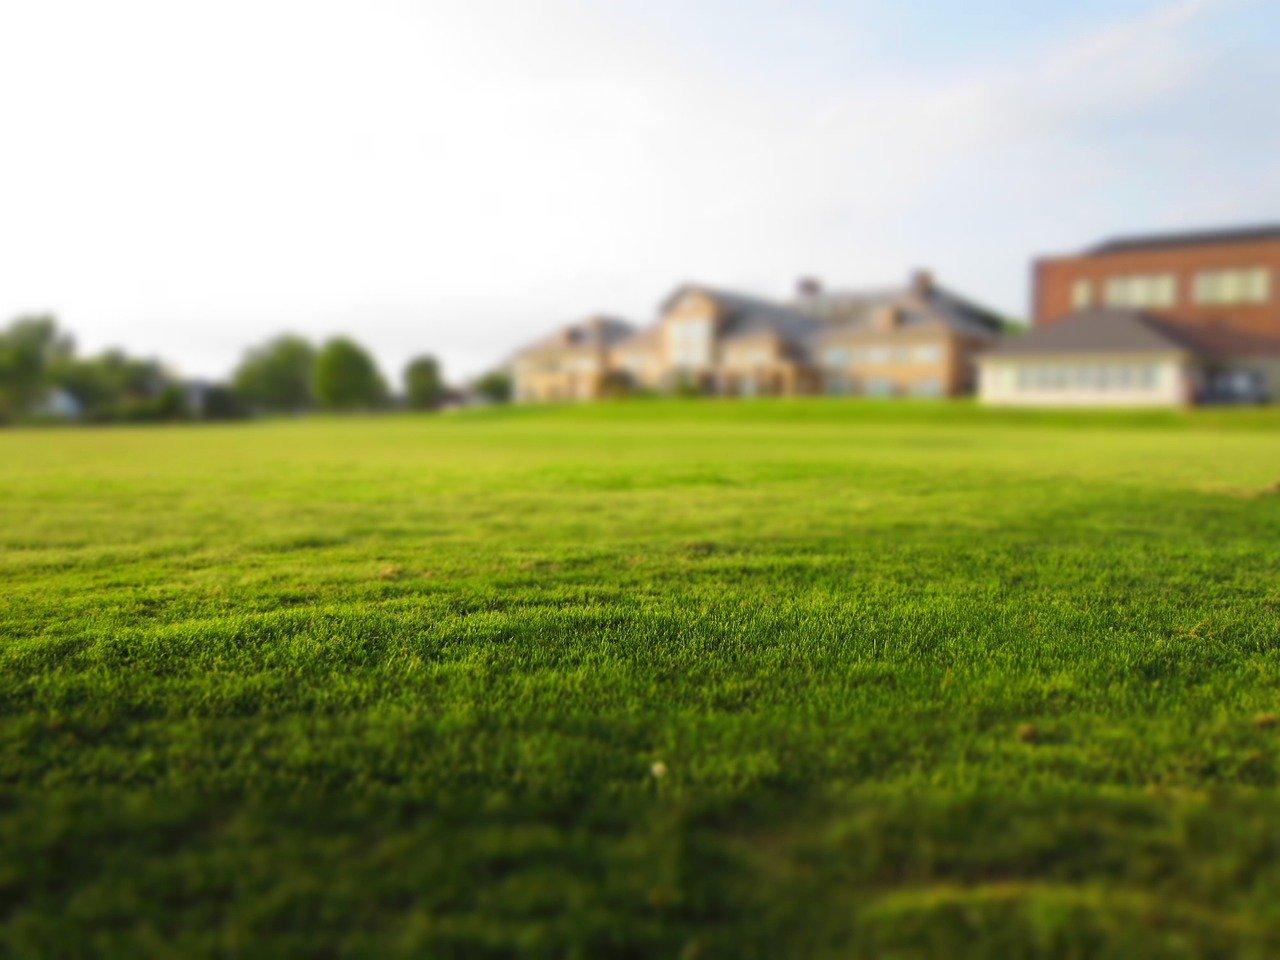 実家が所有していた土地が再開発の対象になり売約した資金の使い方について(2)